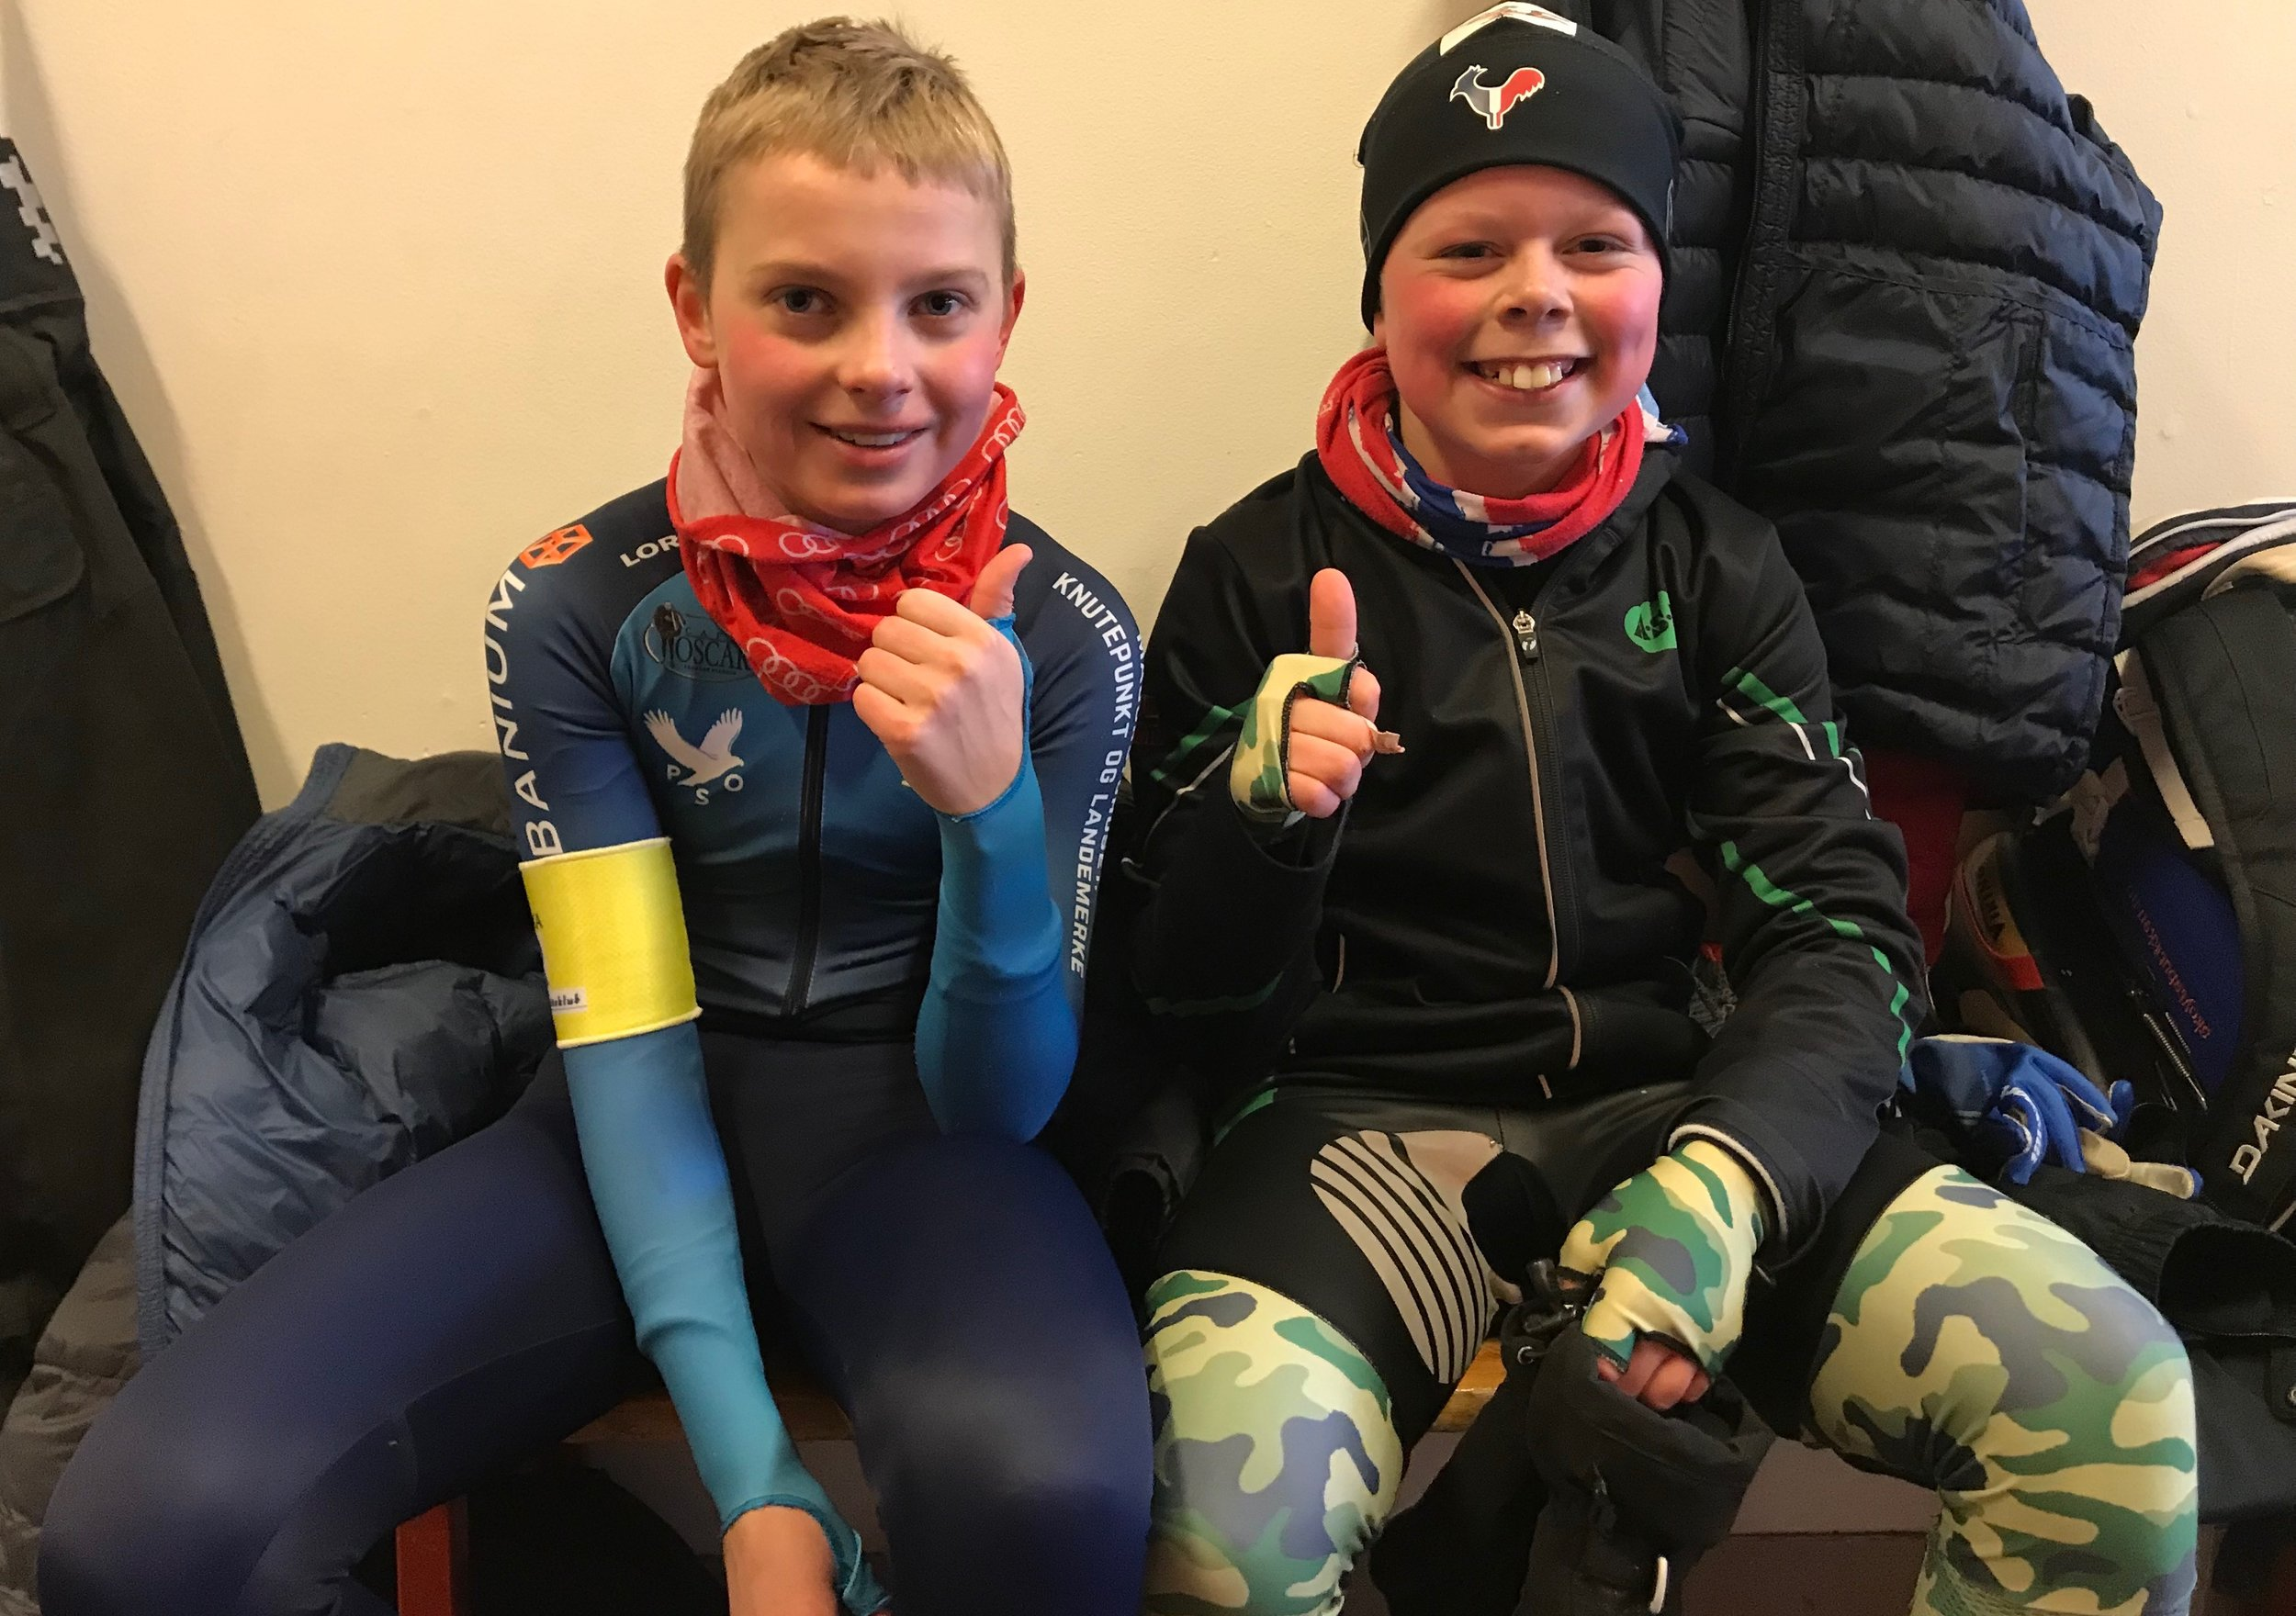 Fornøyde løpere i garderoben søndag: I Vikingrace i Heerenveen i mars får Eirik Andersen (th) selskap av blant andre OSKs Miika Klevstuen.